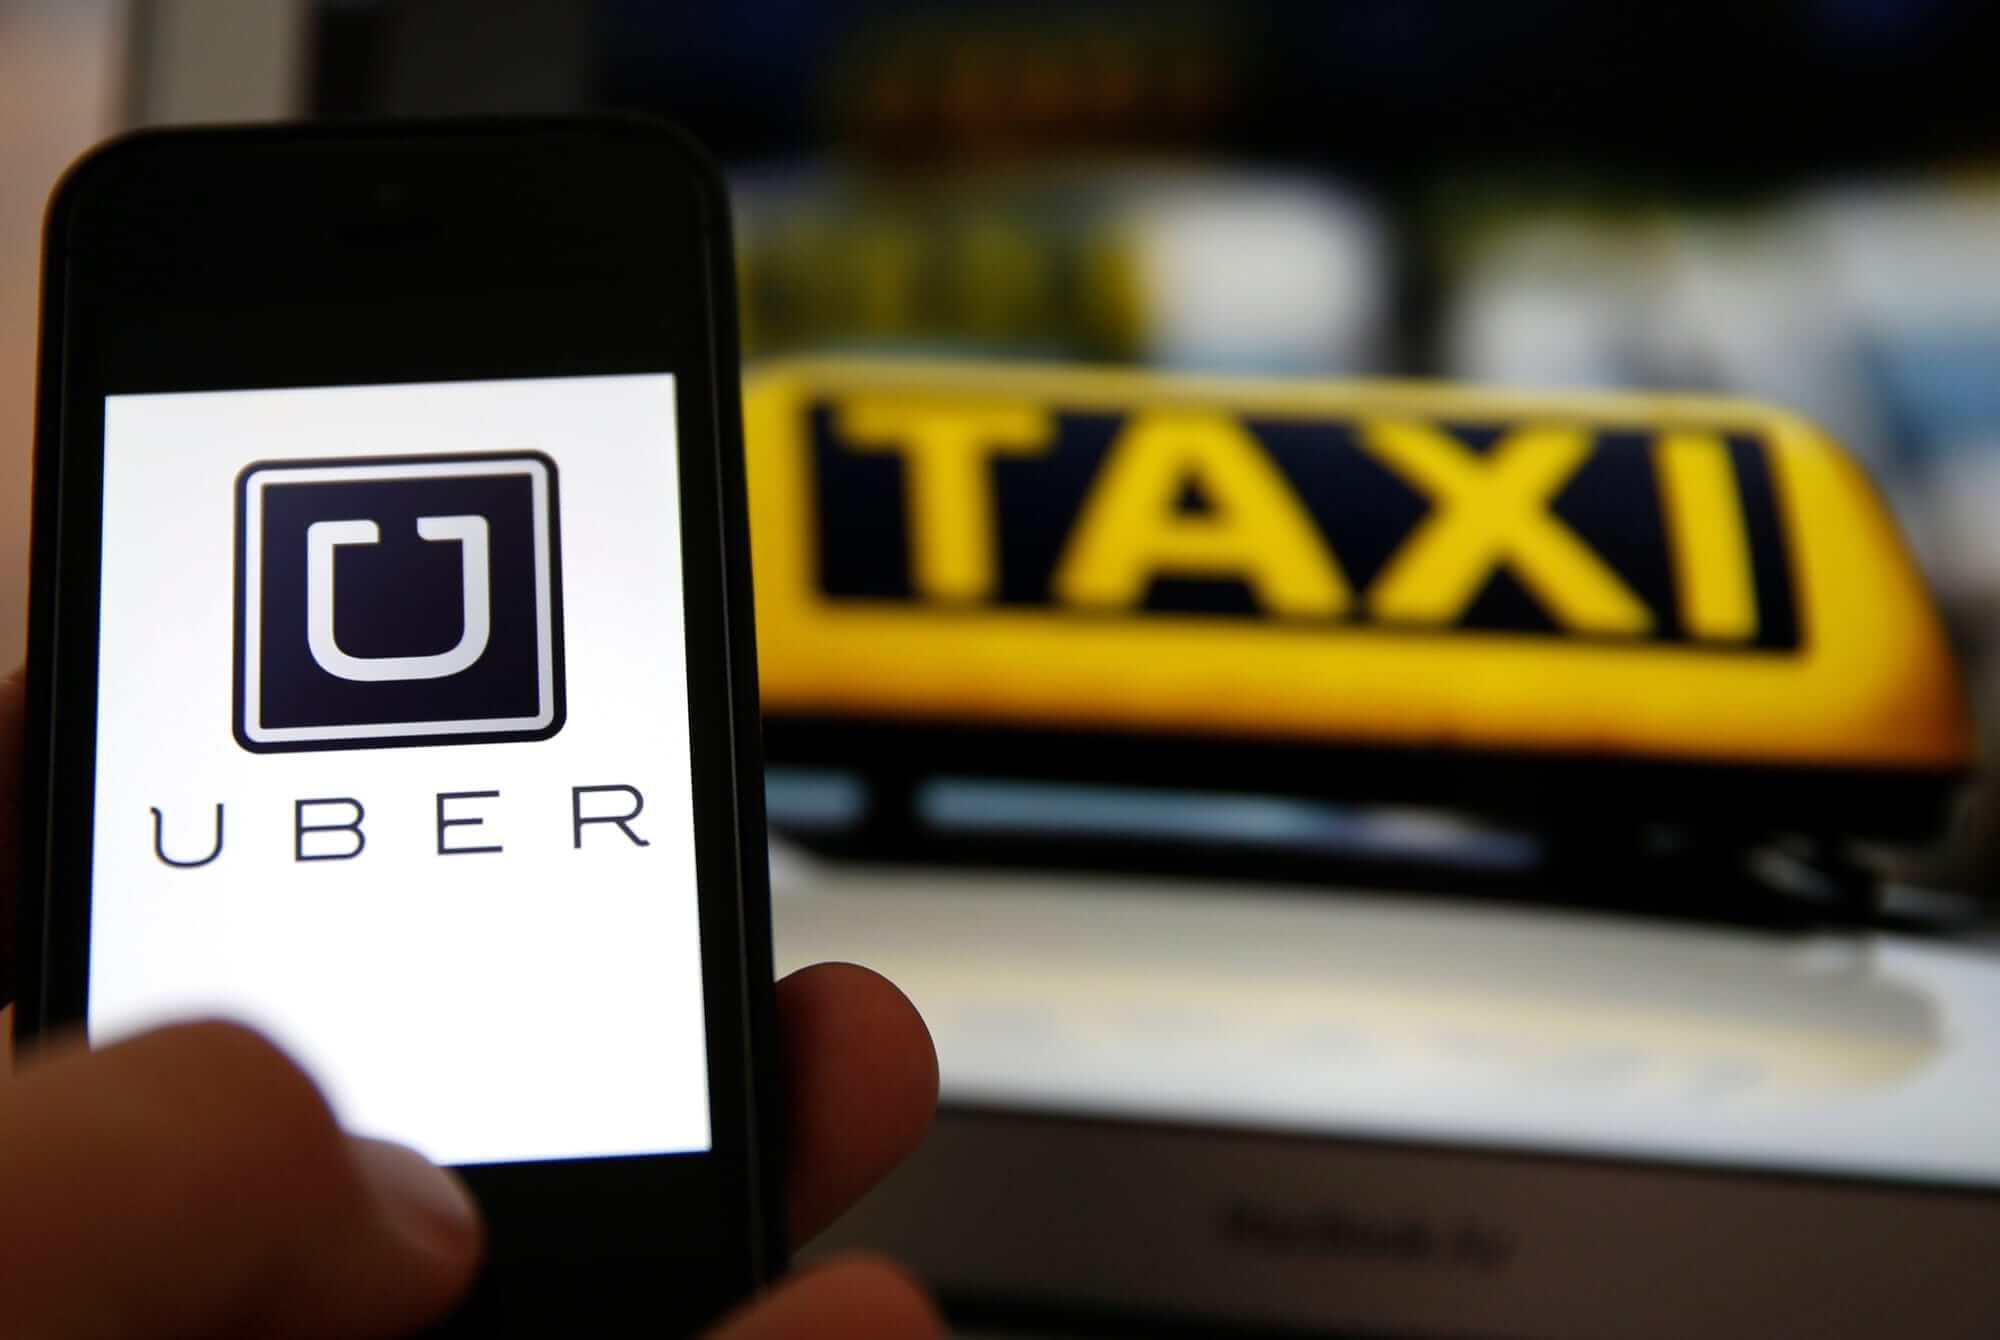 Konferans İçin Taksi Bulamayınca Ortaya Çıkan Girişim:Uber'in Başarı Hikayesi